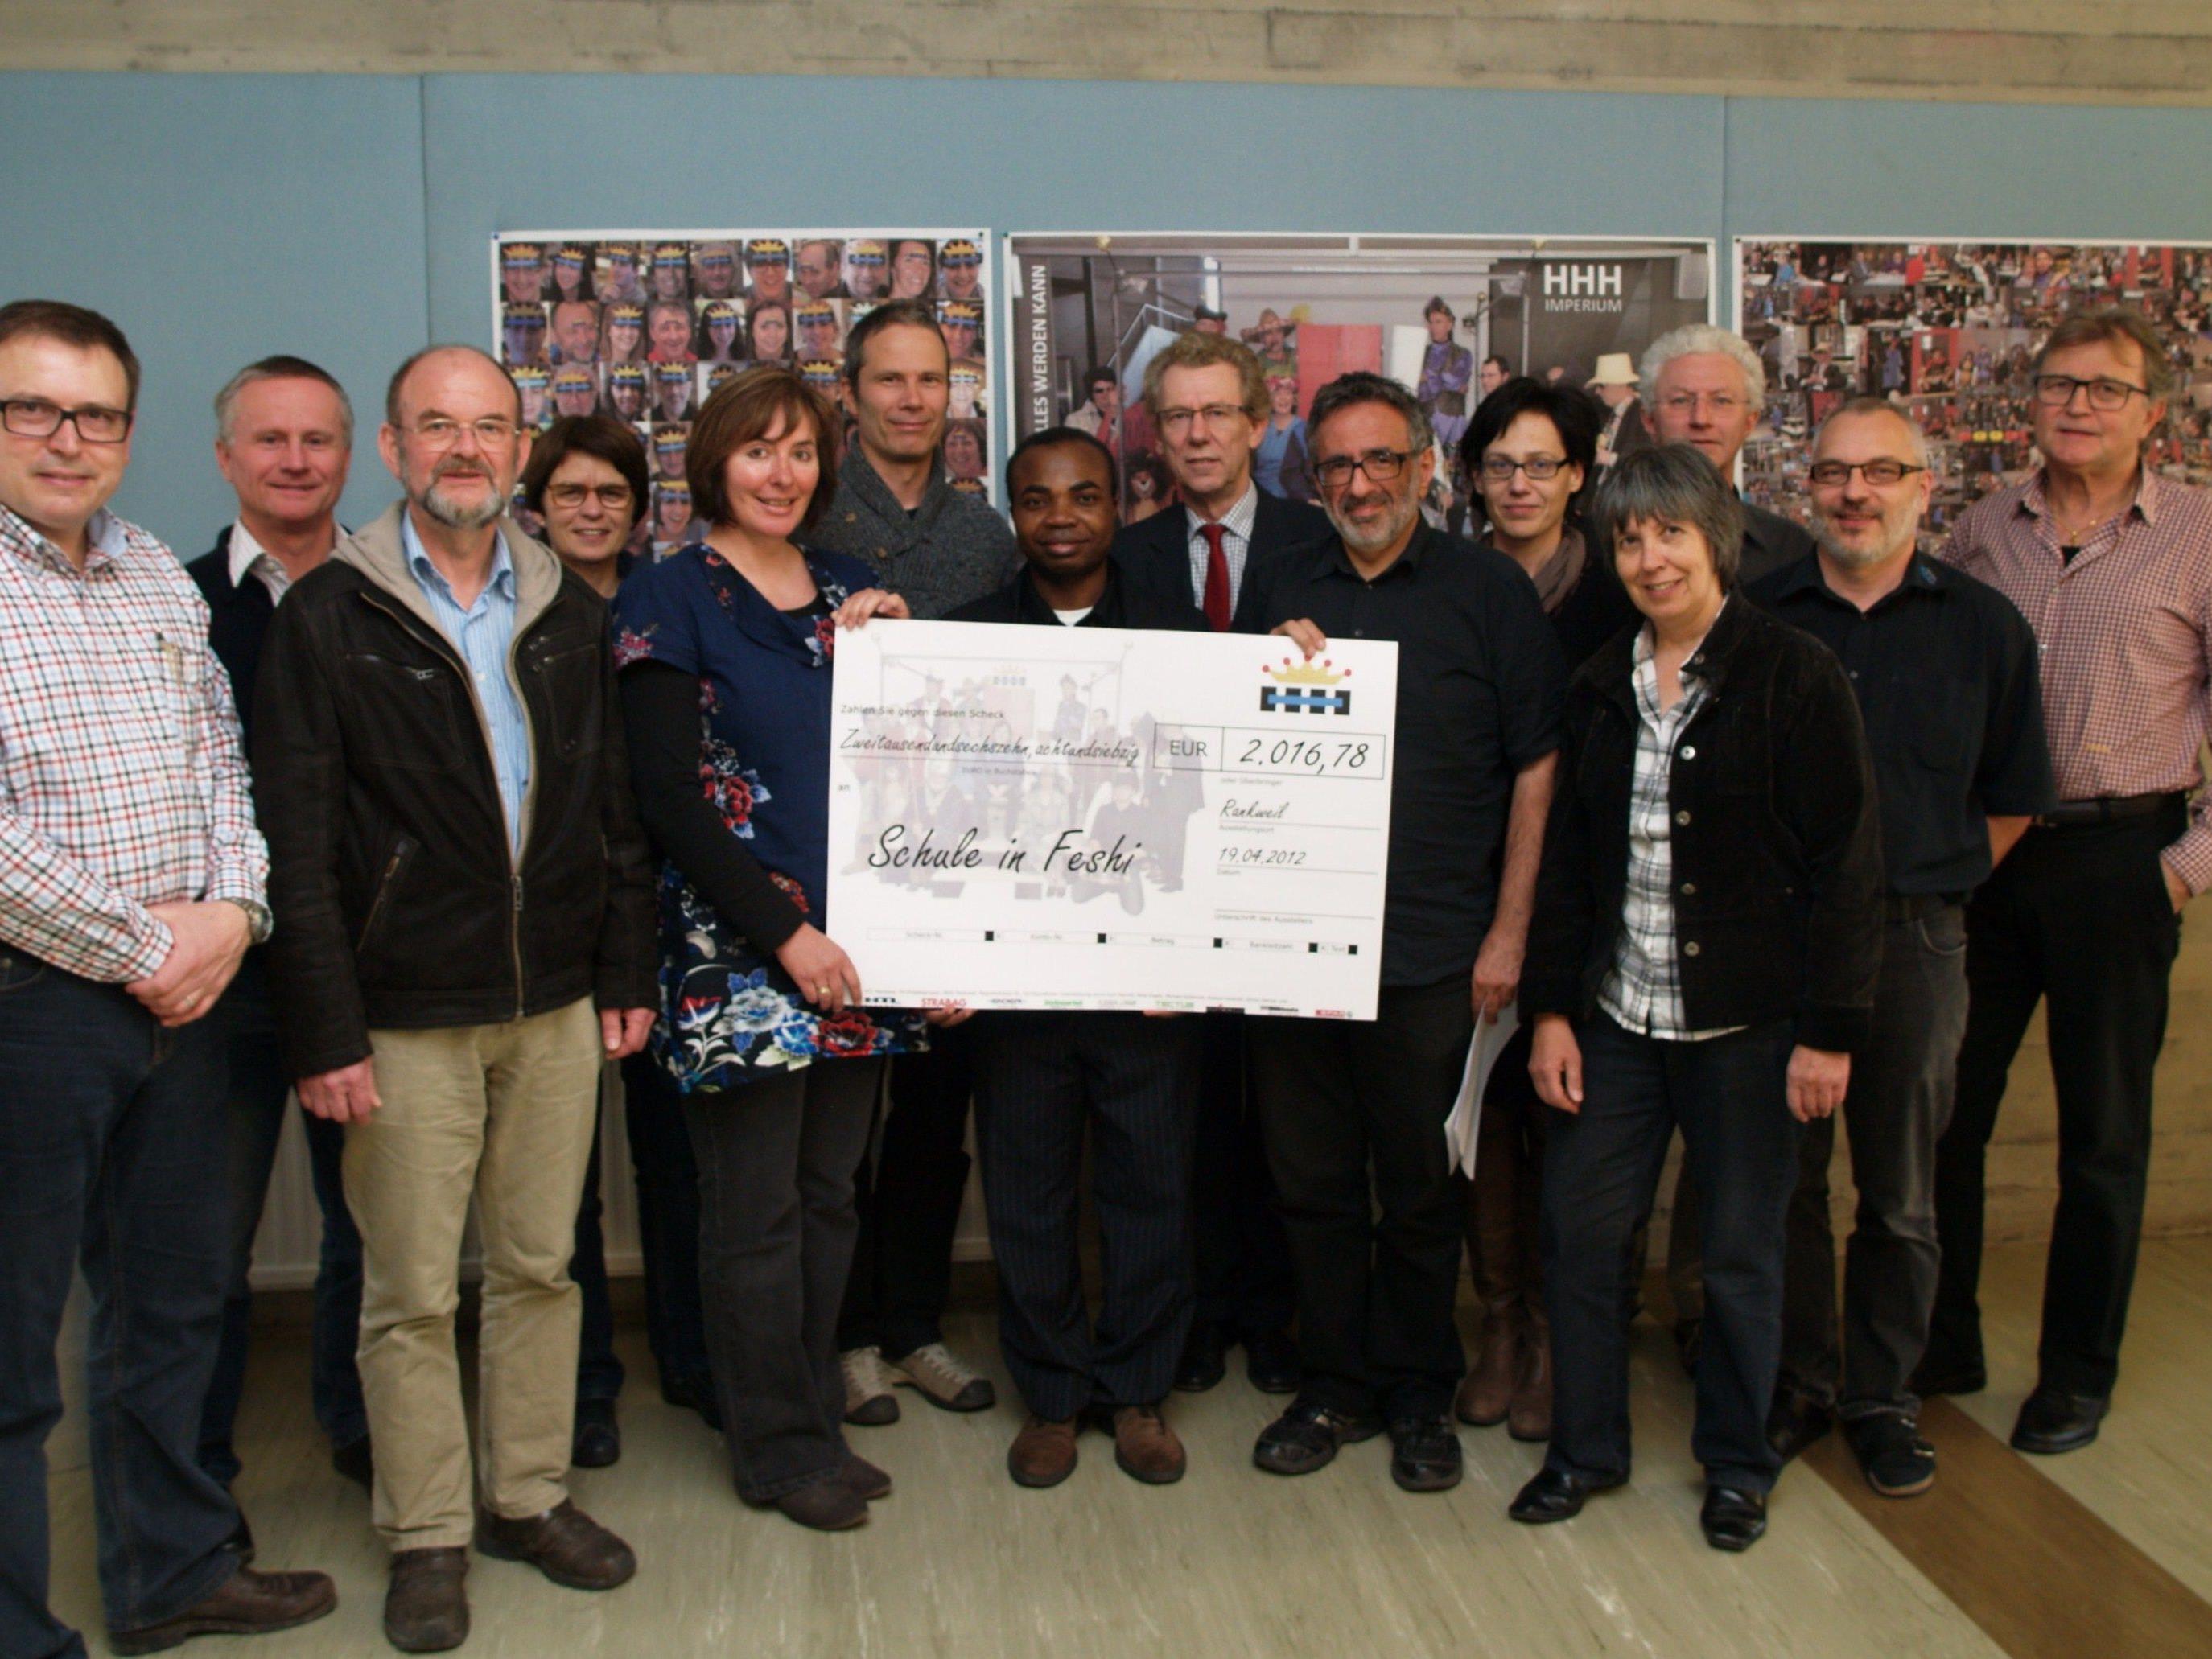 Pfarrer Placide mit den Organisatoren und Mitwirkenden des HHH-Projekts der HTL Rankweil.